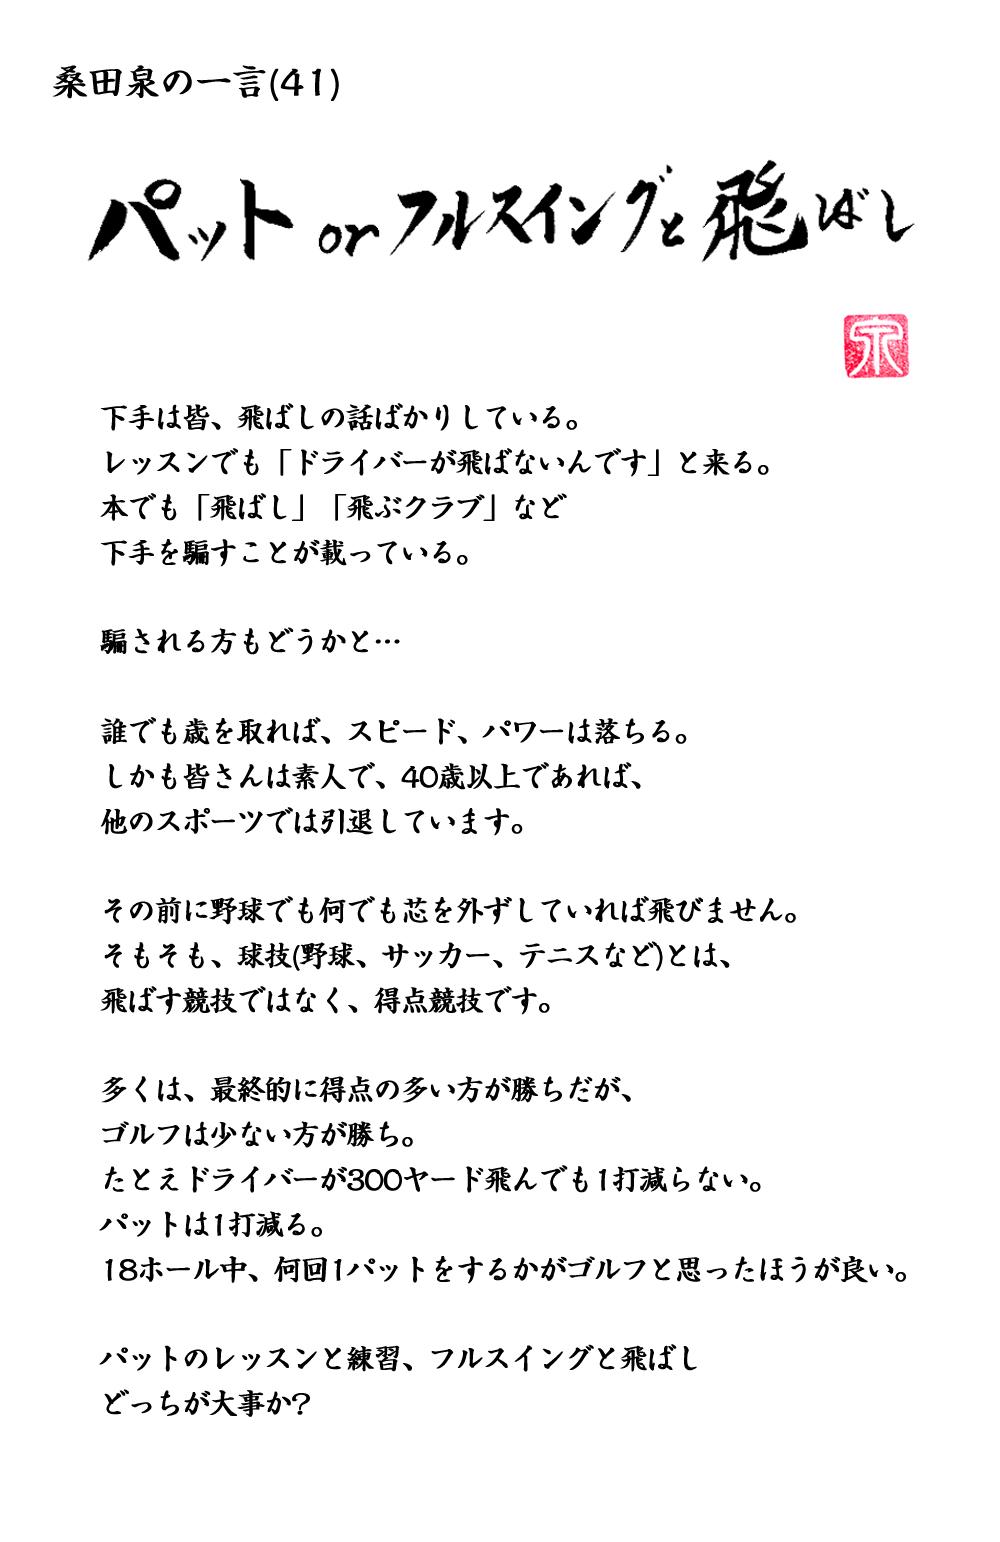 桑田泉の一言 「パットorフルスイングと飛ばし」  41_20181111